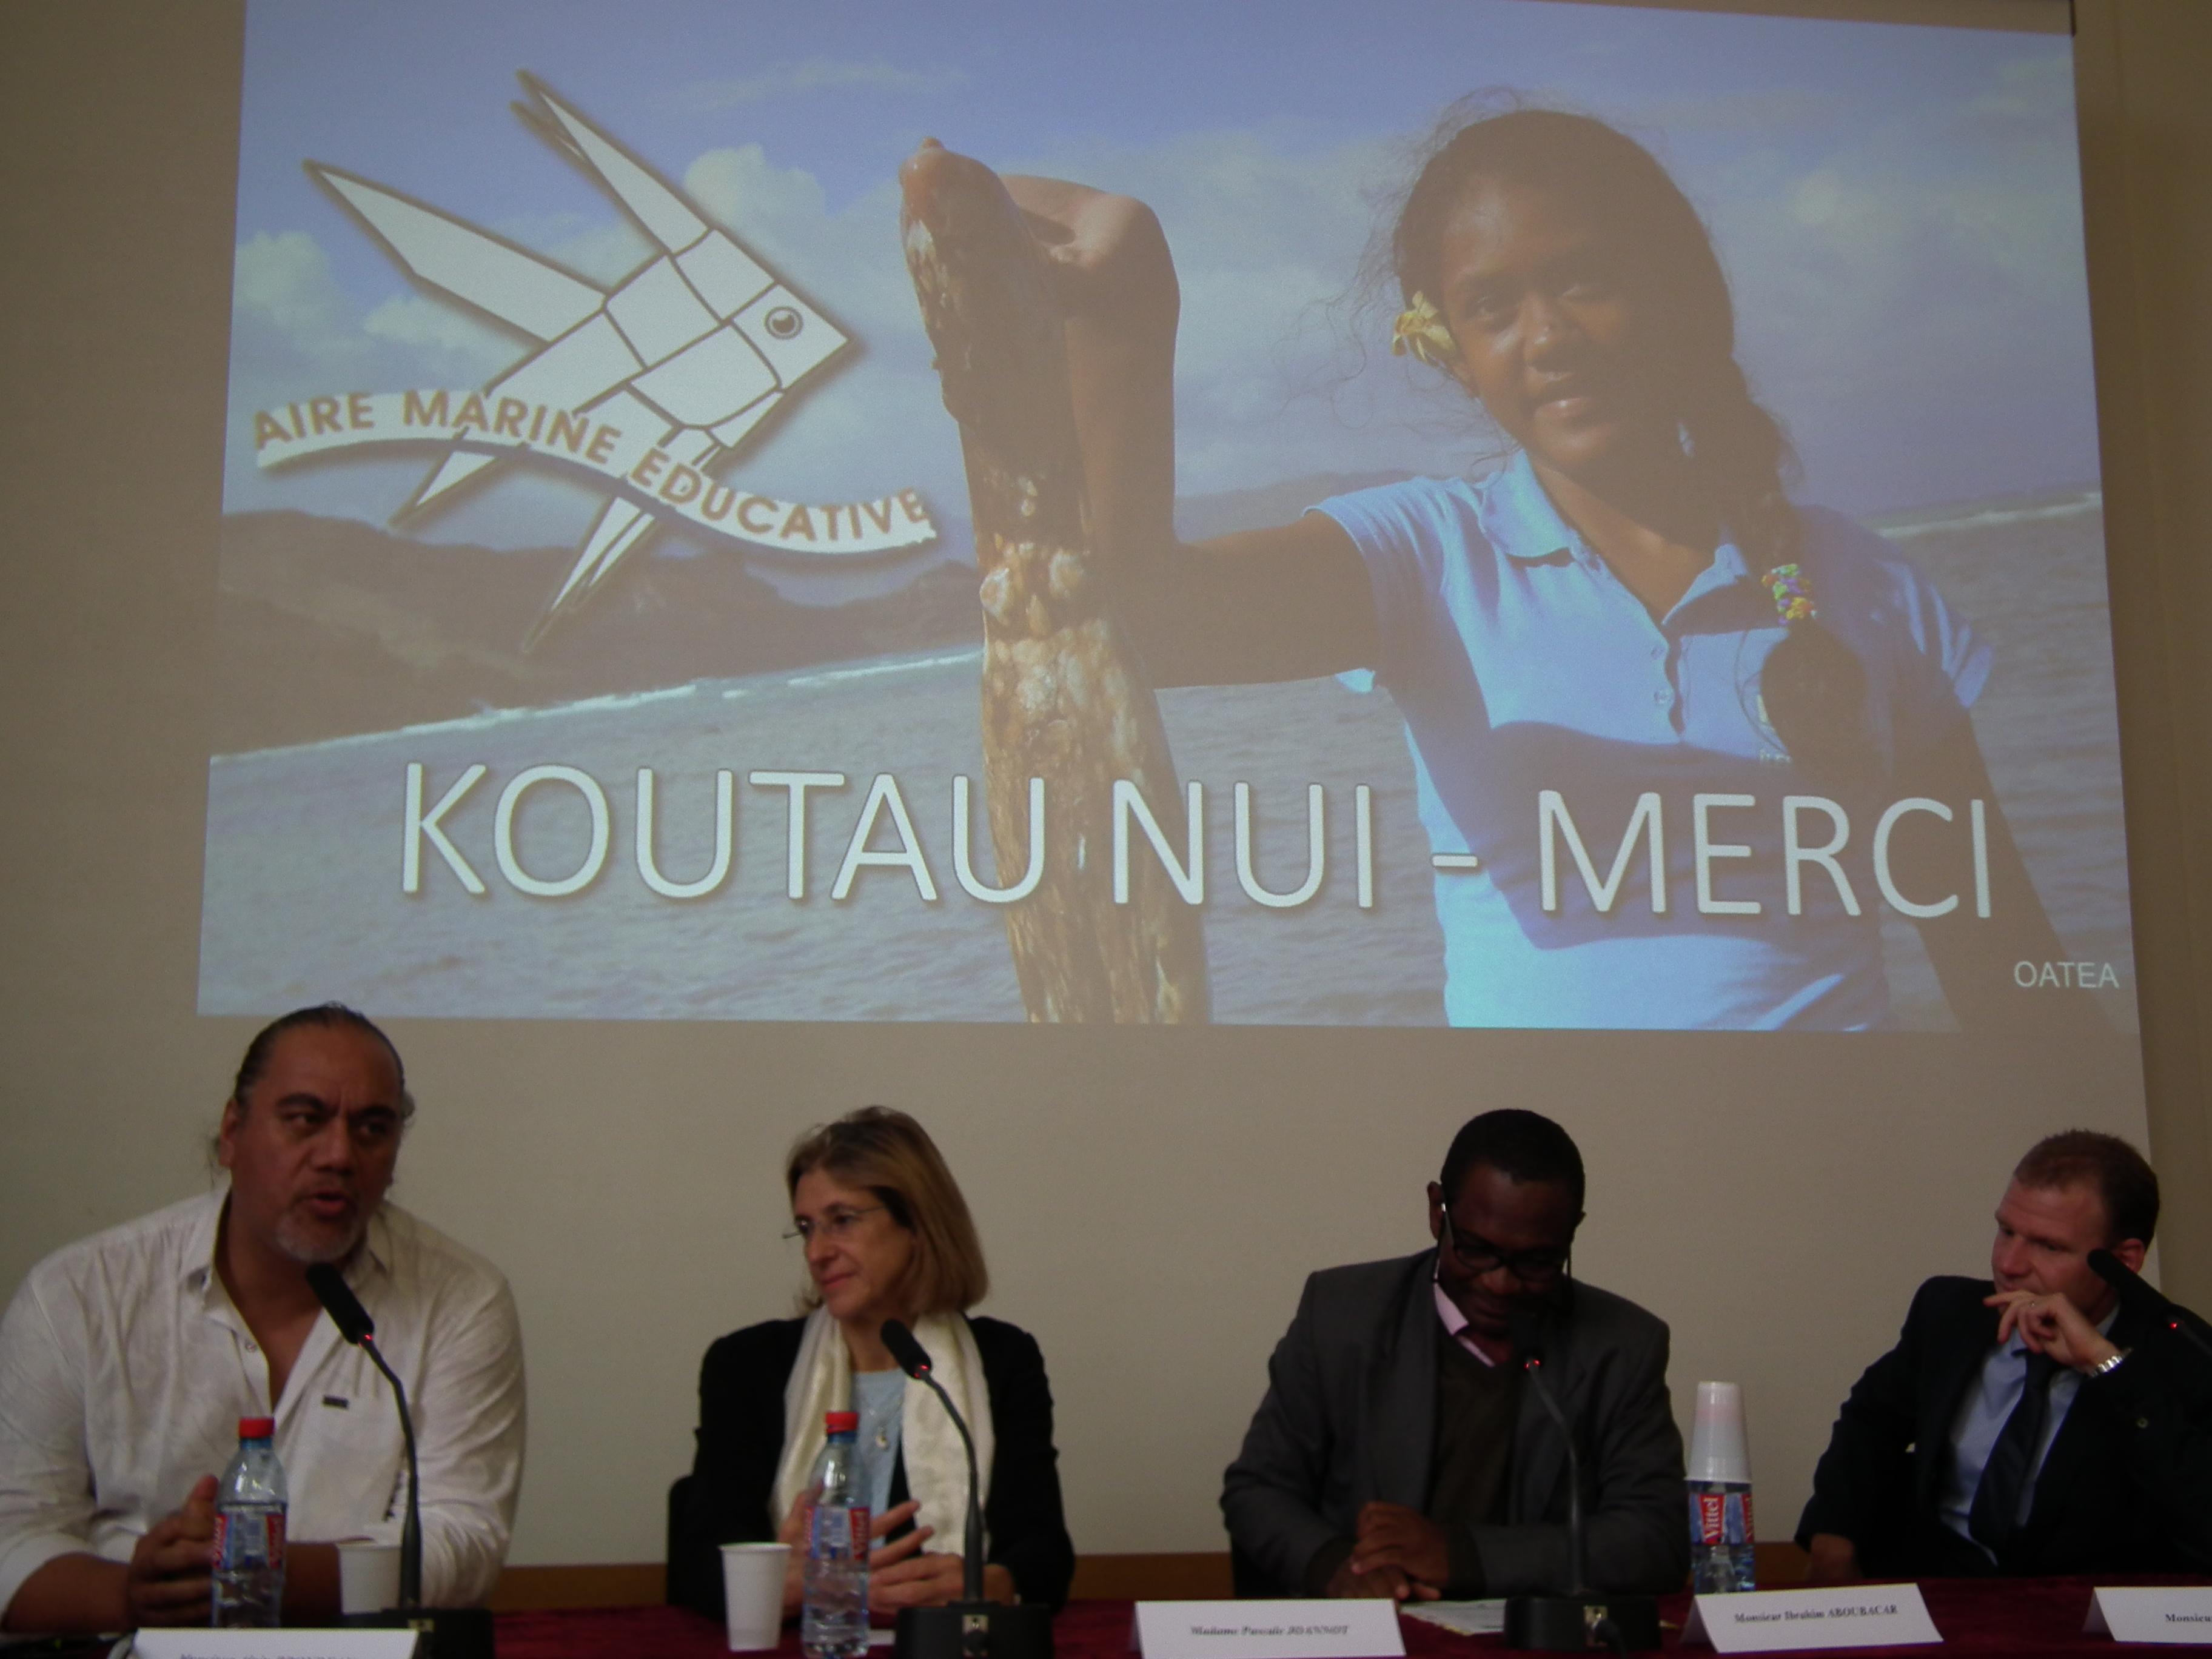 L'aire marine éducative de Tahuata, présentée par Pascal Ehrel, a été citée en exemple lors du colloque sur les outre-mer et les changements climatiques.